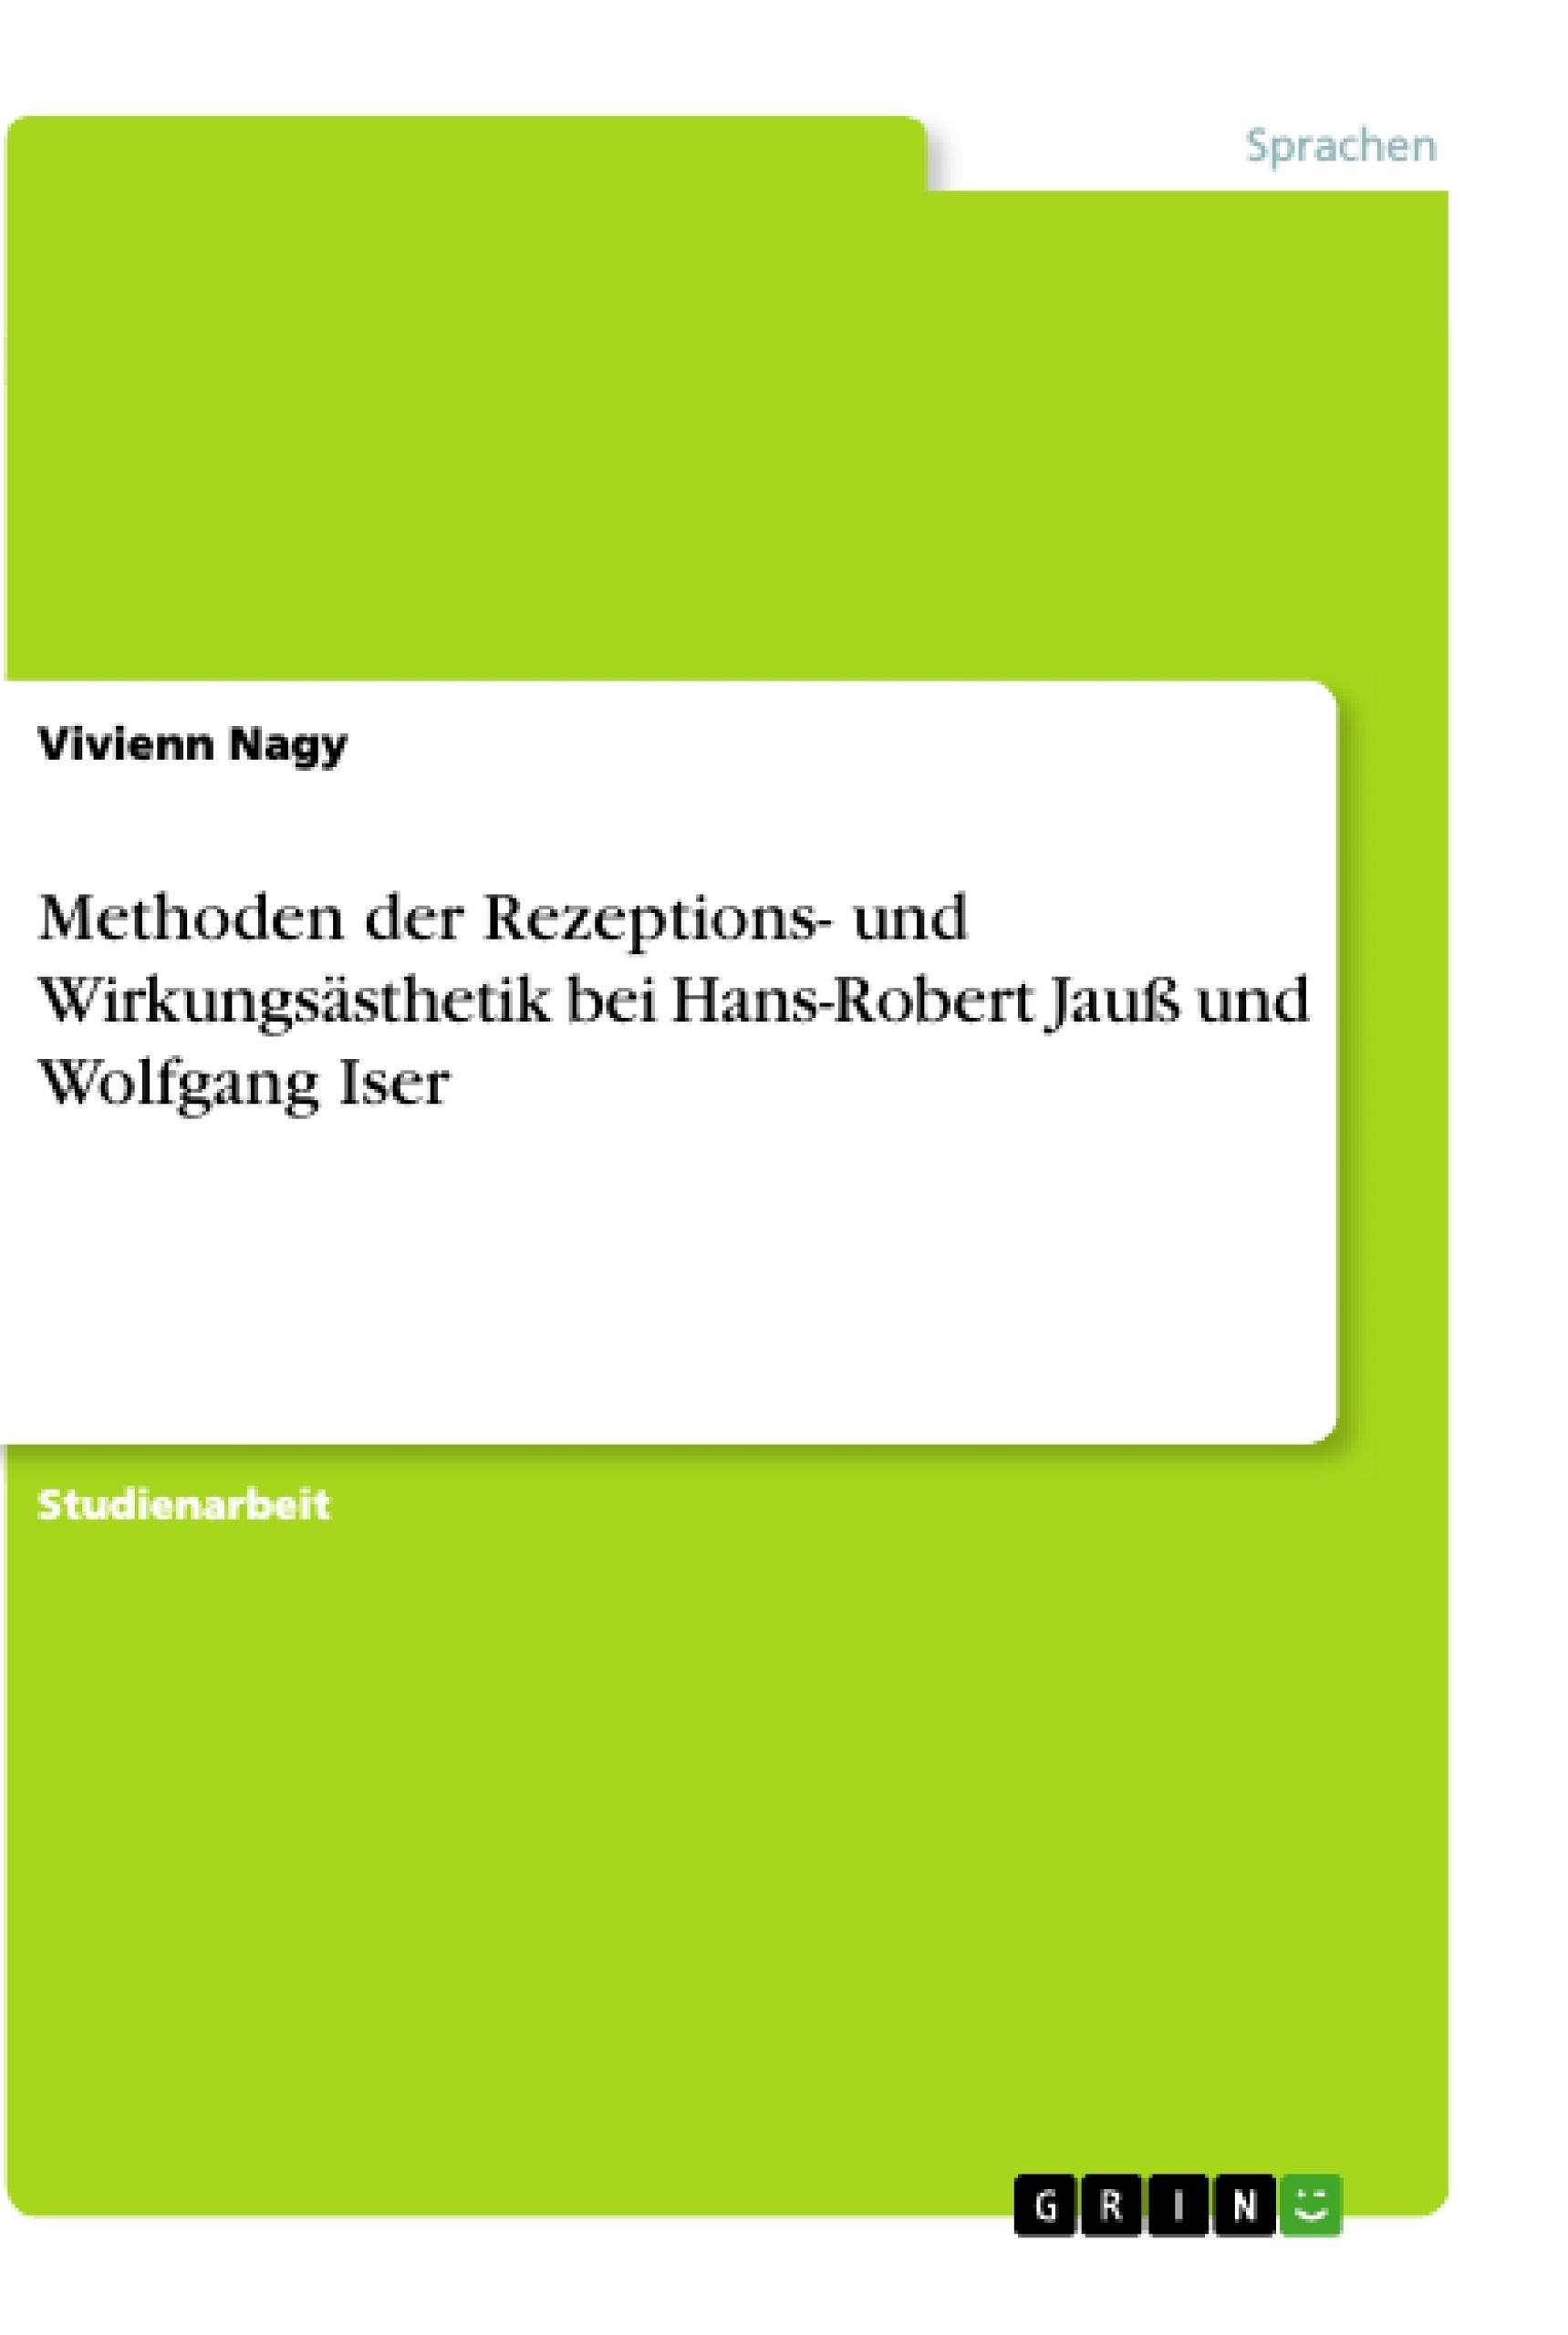 Titel: Methoden der Rezeptions- und Wirkungsästhetik bei Hans-Robert Jauß und Wolfgang Iser